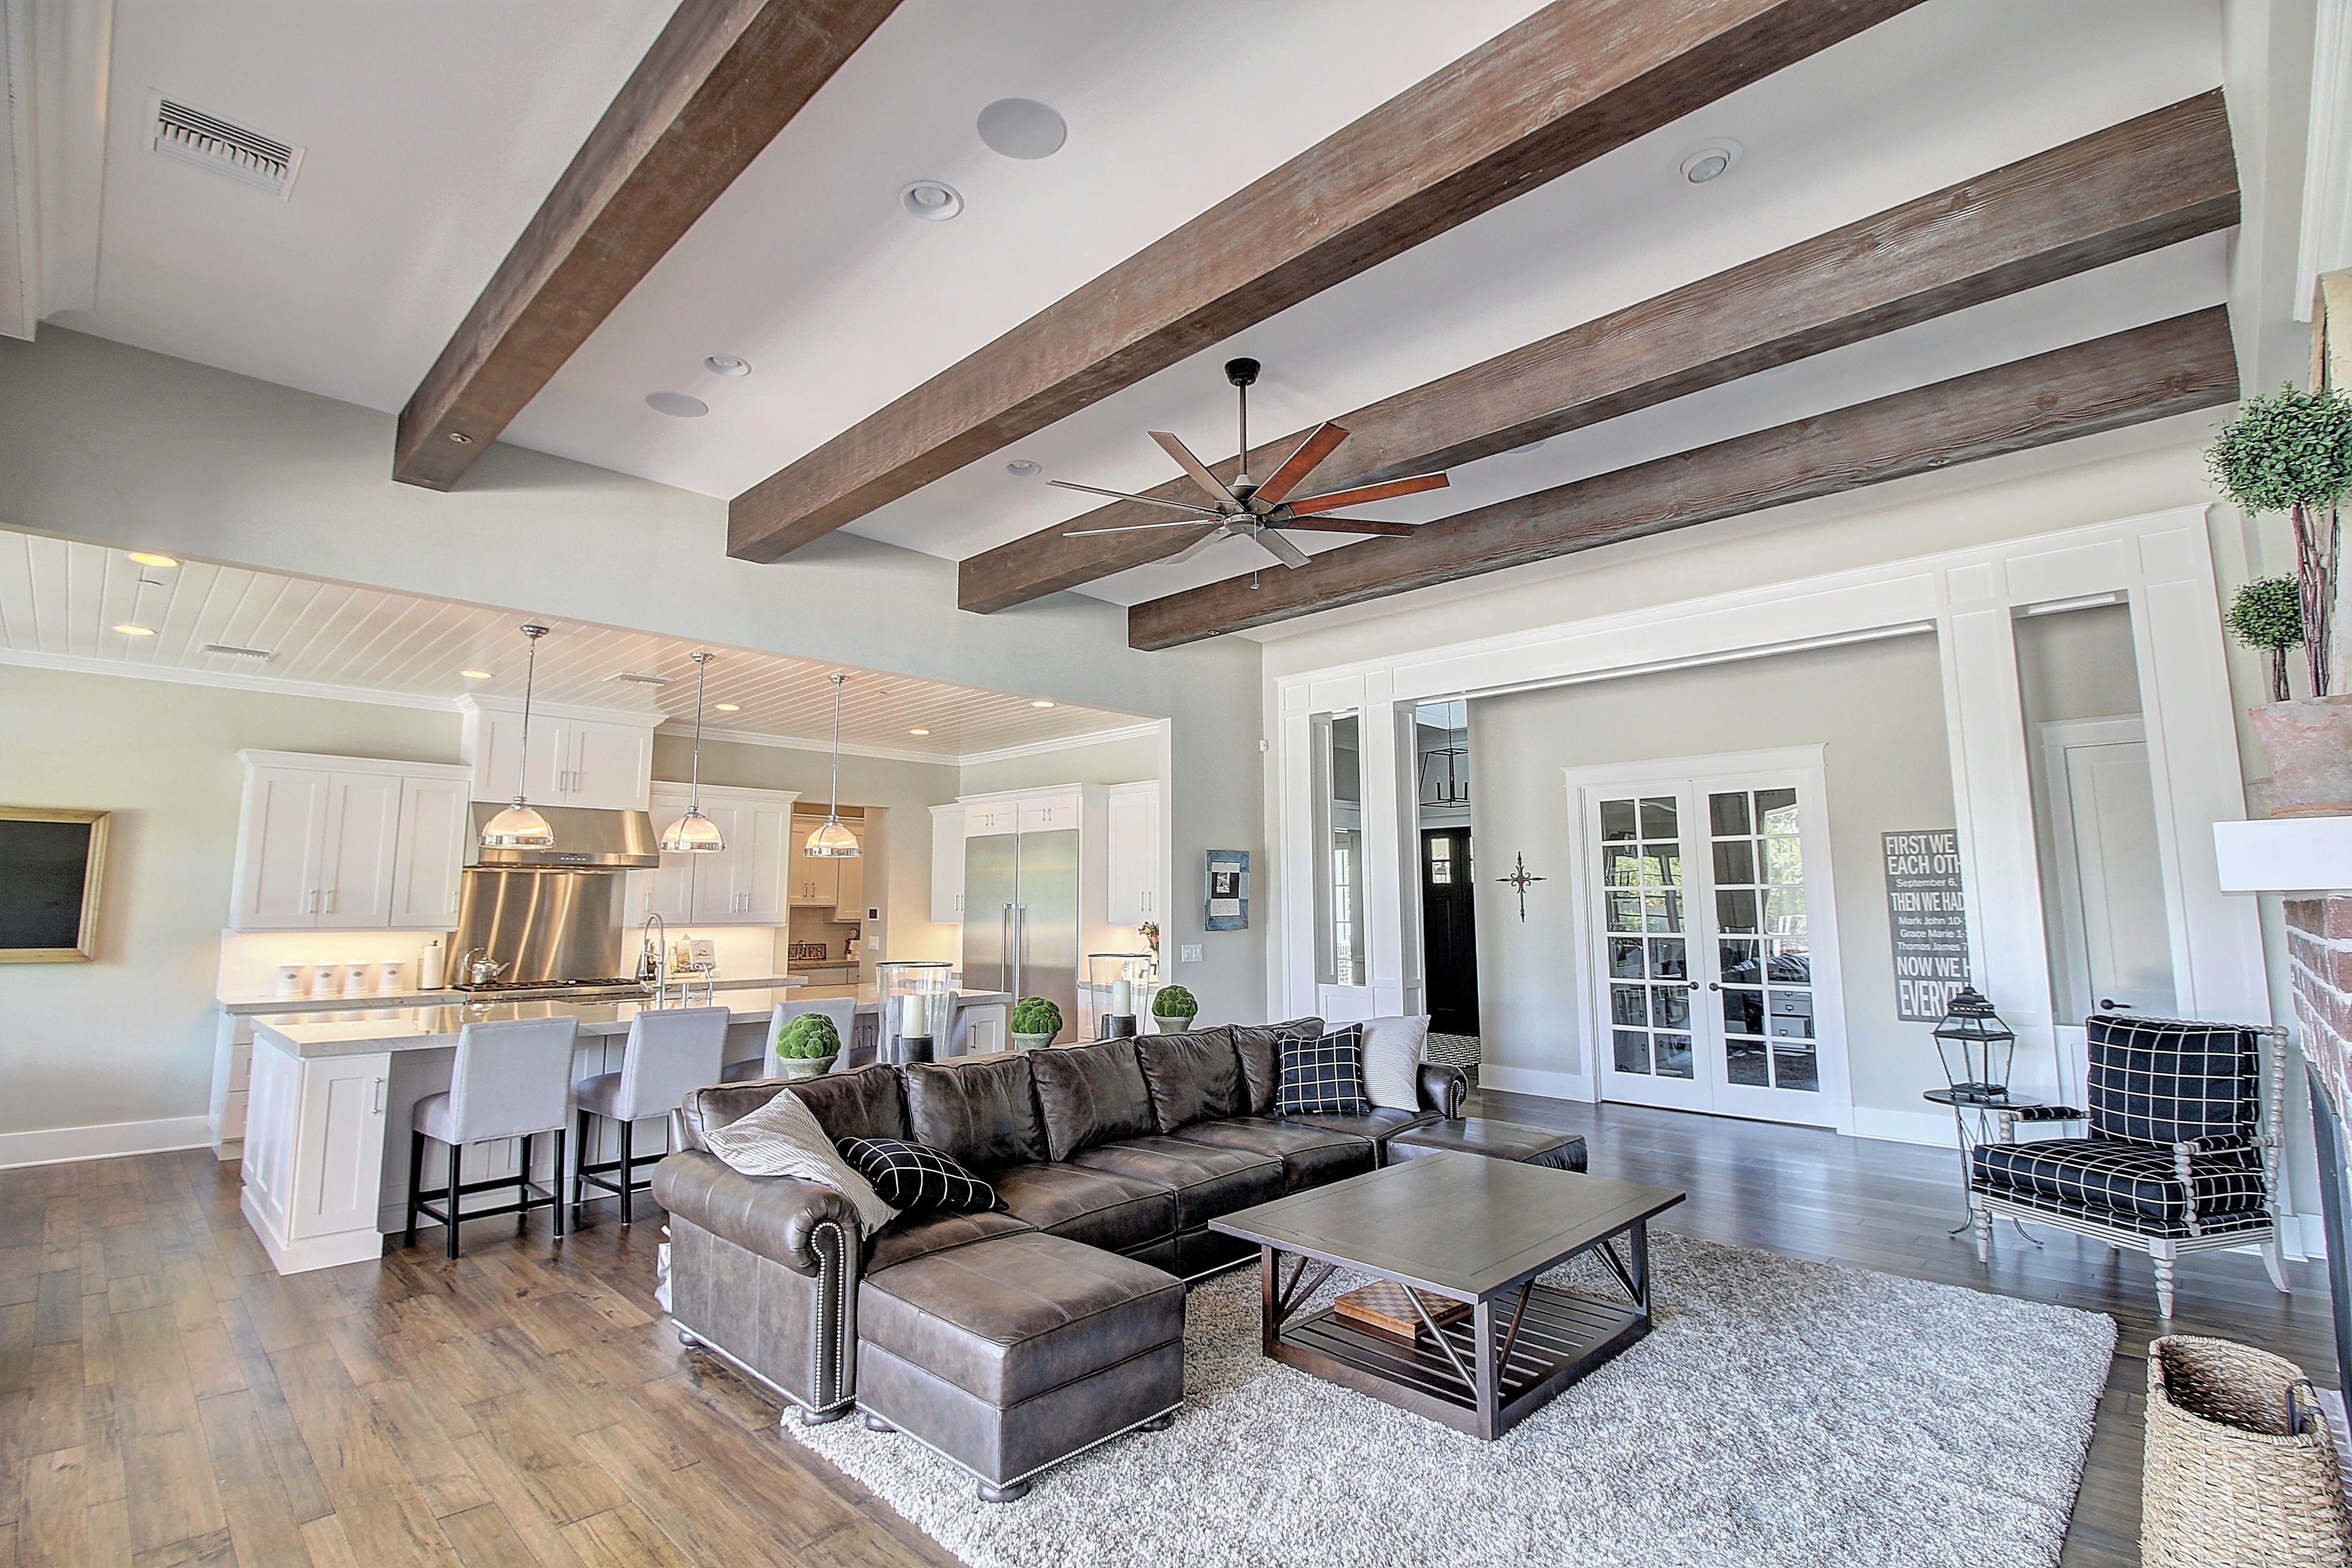 Beams Living Room Wood Beam Ceiling, Wood Beams In Living Room Ceiling